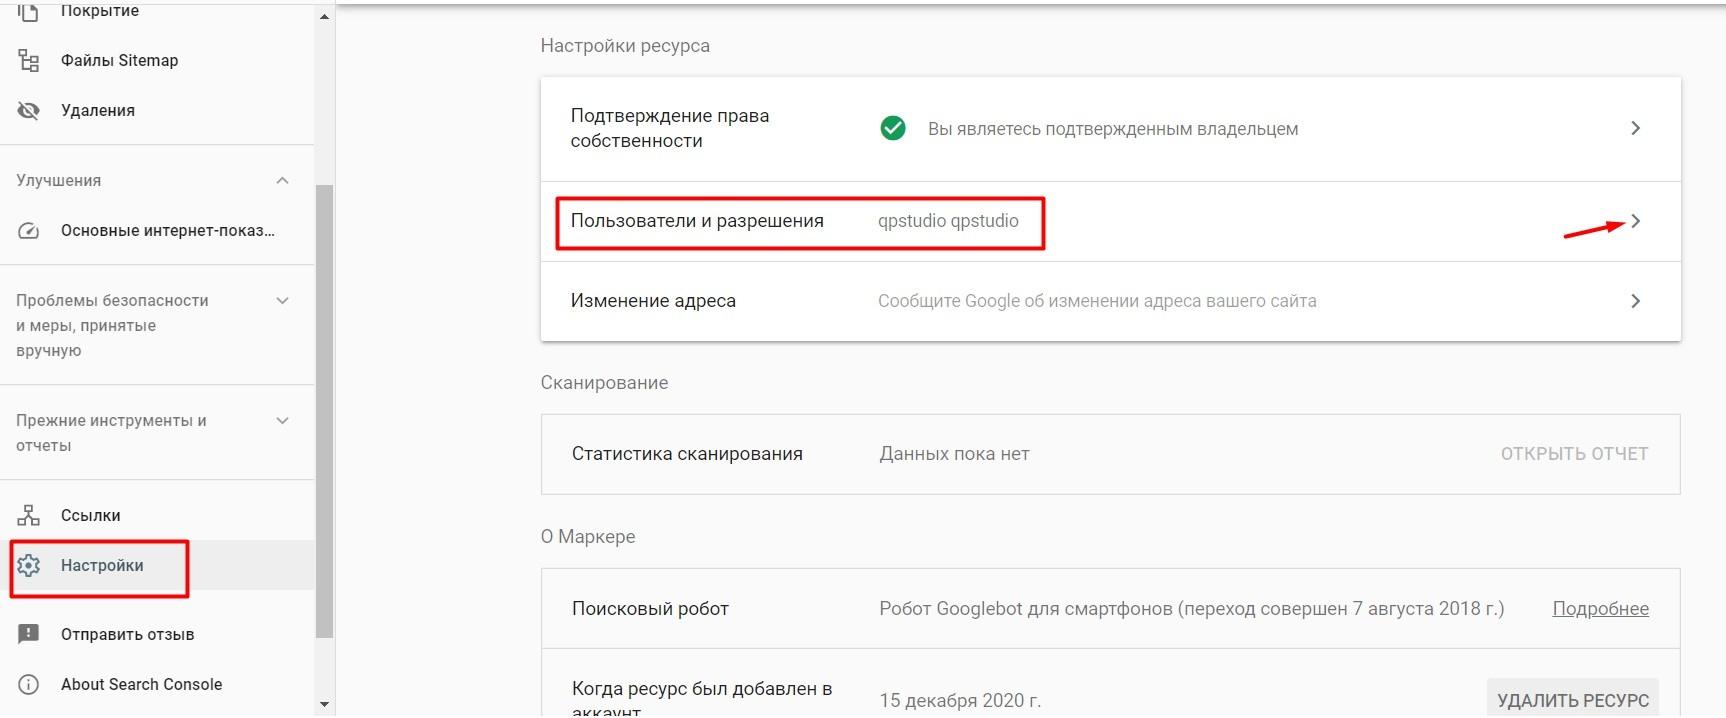 Делегировать права в Google Search Console